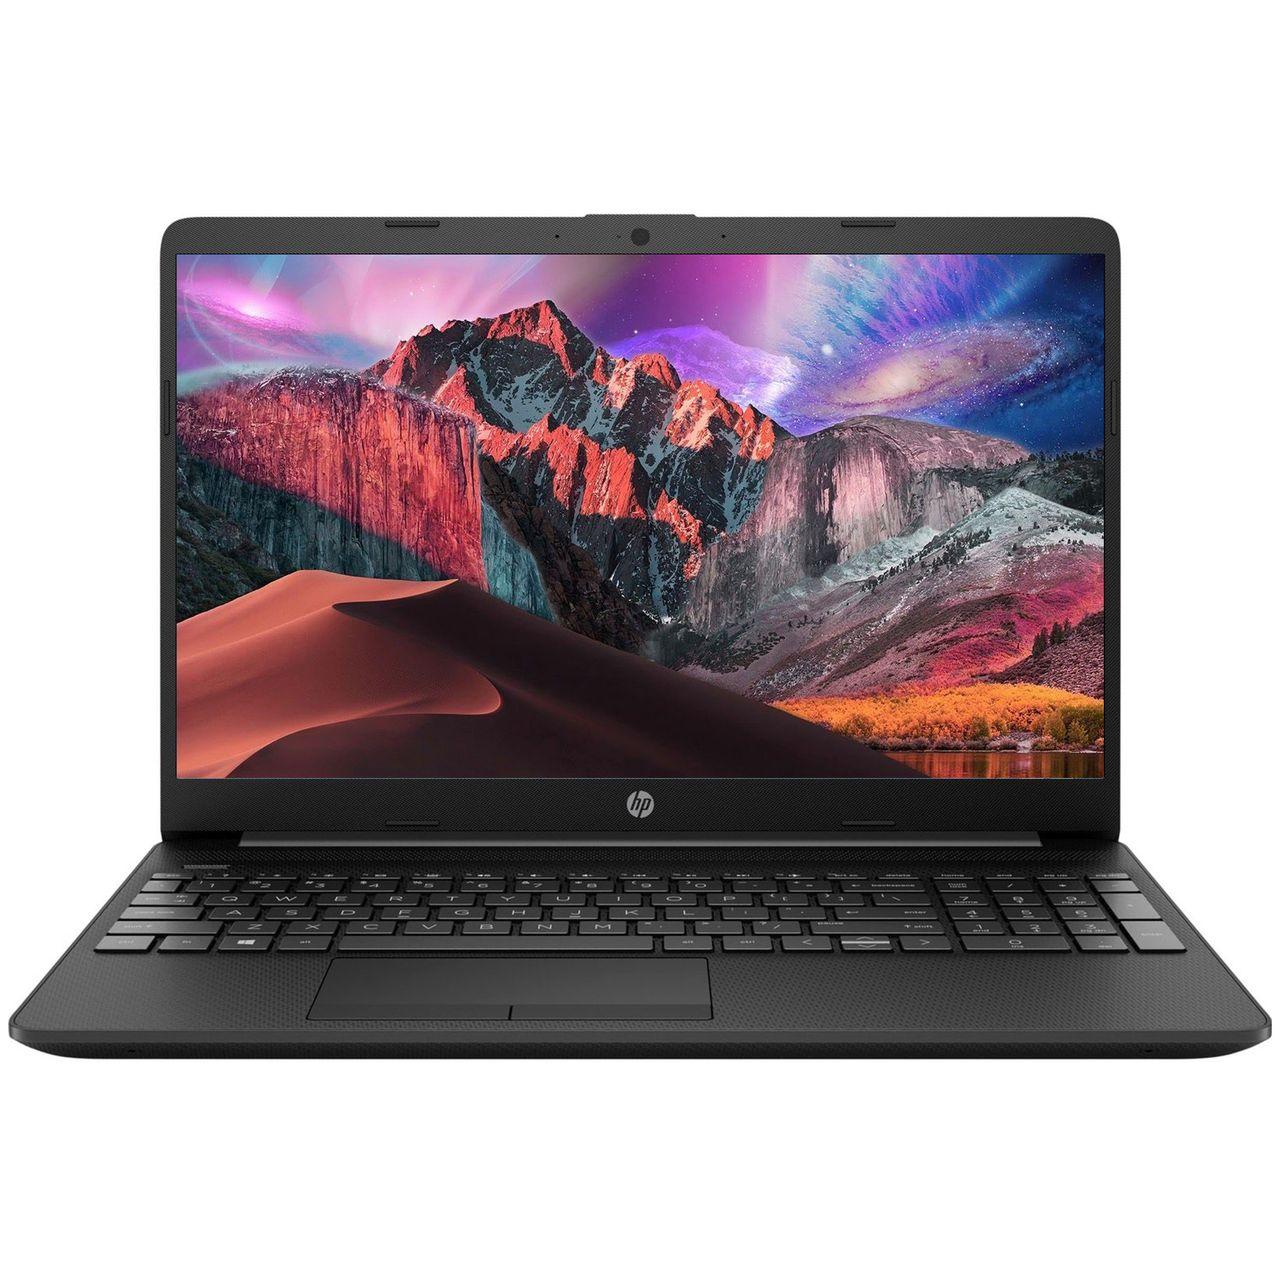 لپ تاپ ۱۵.۶ اینچی اچپی مدل DW2196-C – NB